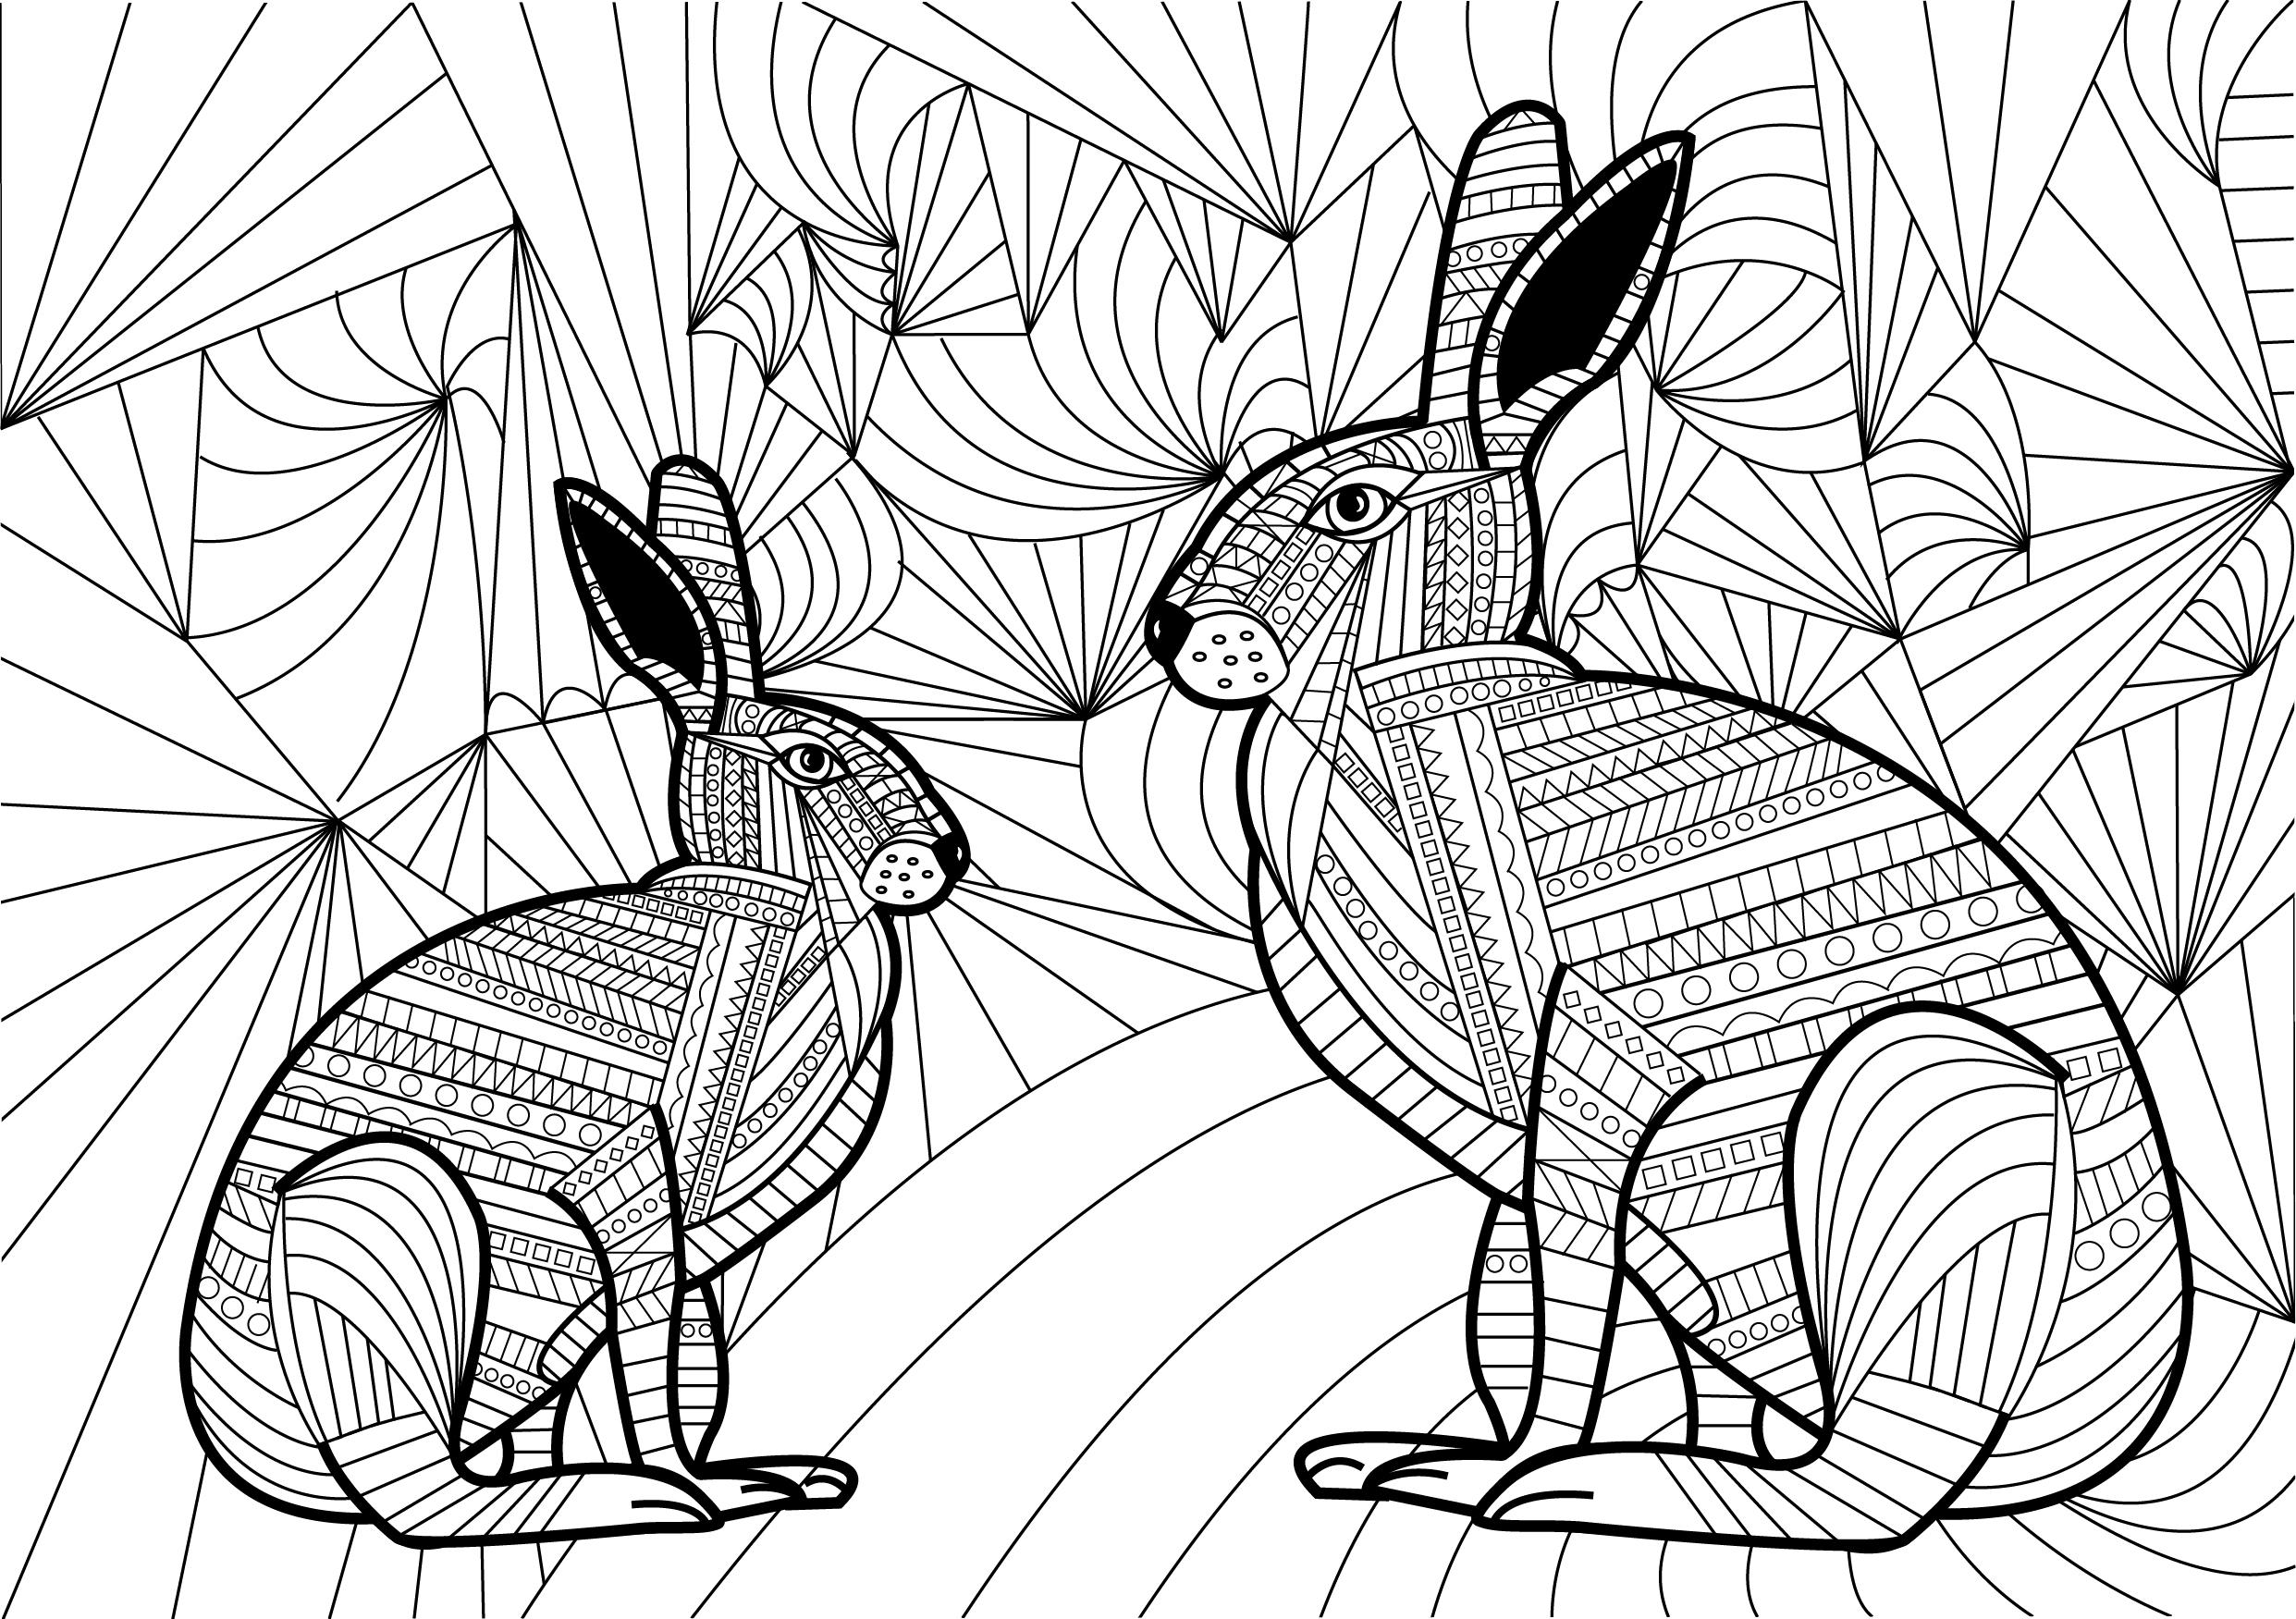 04 - Hare